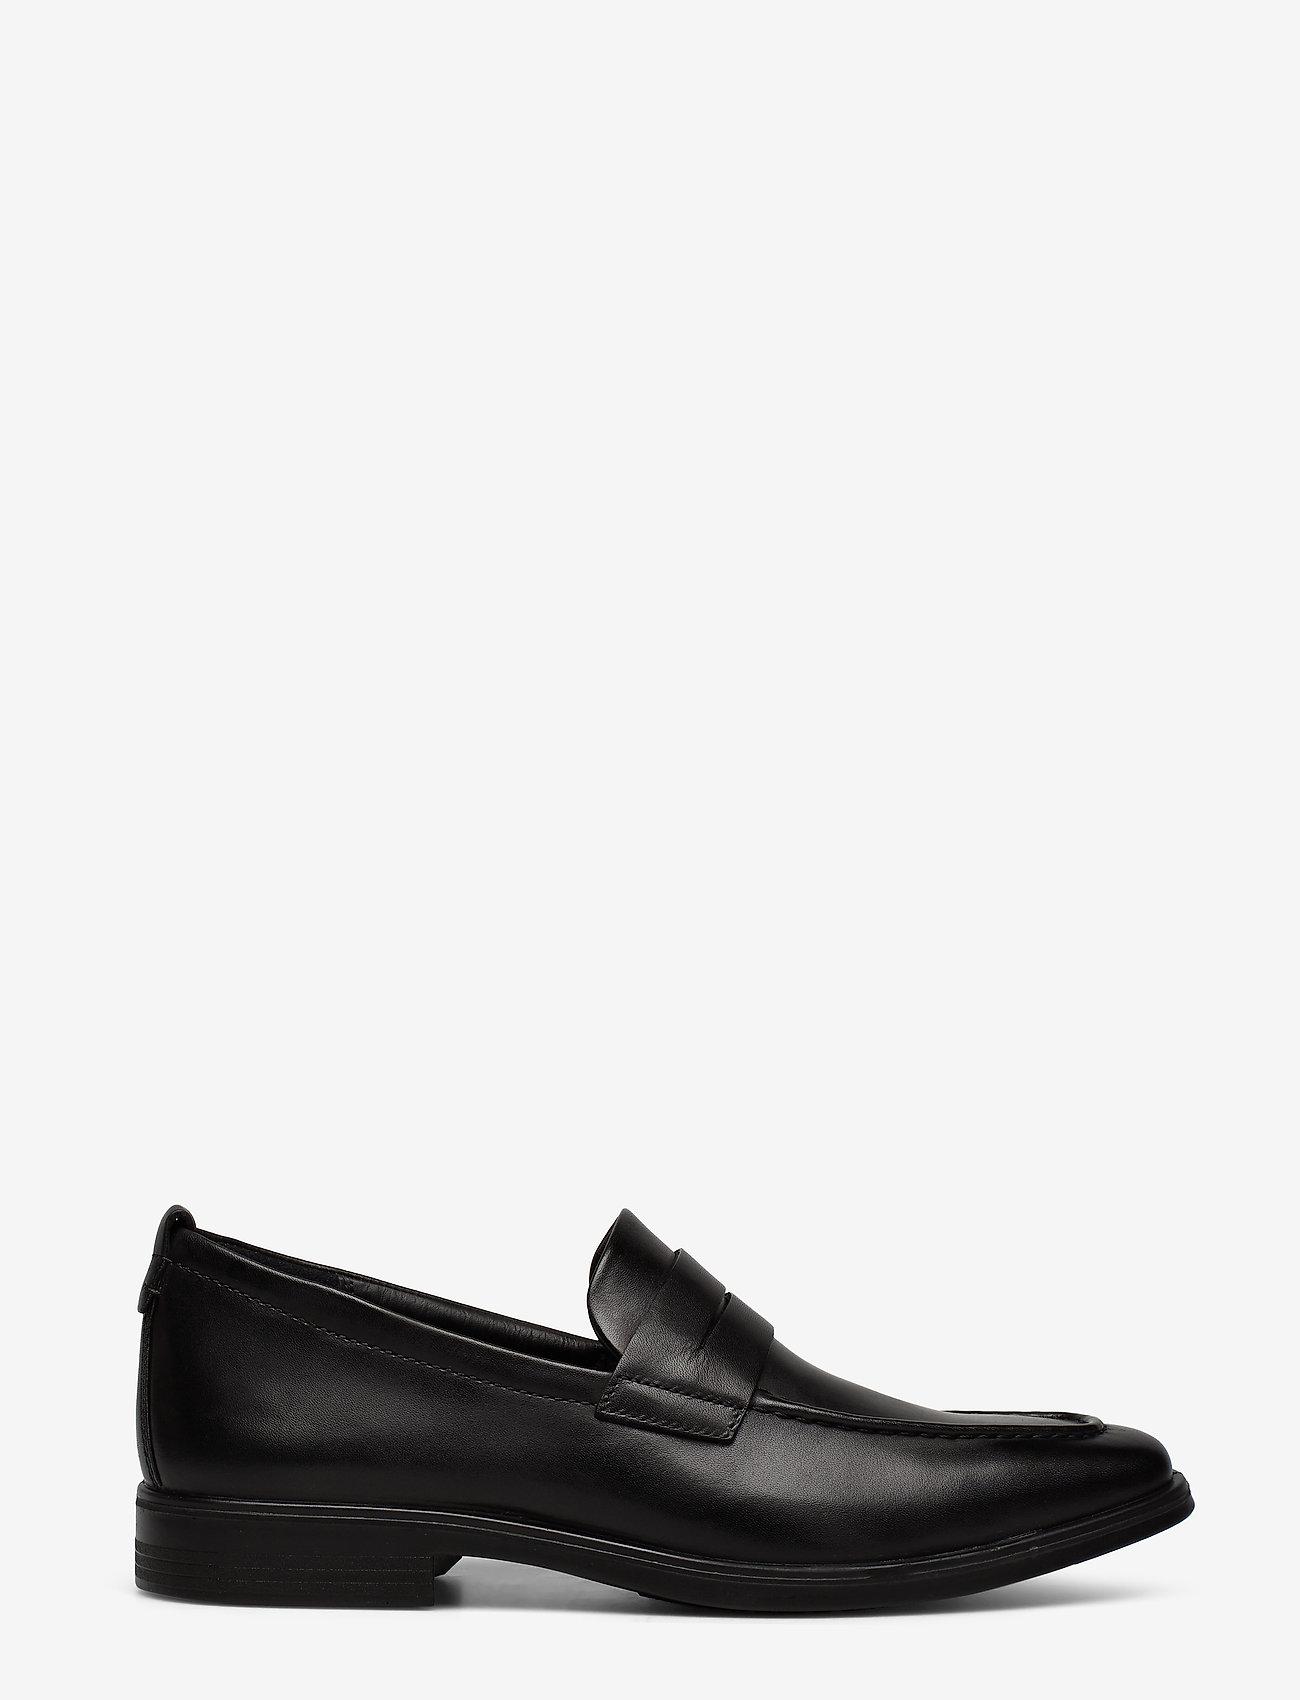 ECCO - MELBOURNE - loafers - black - 1